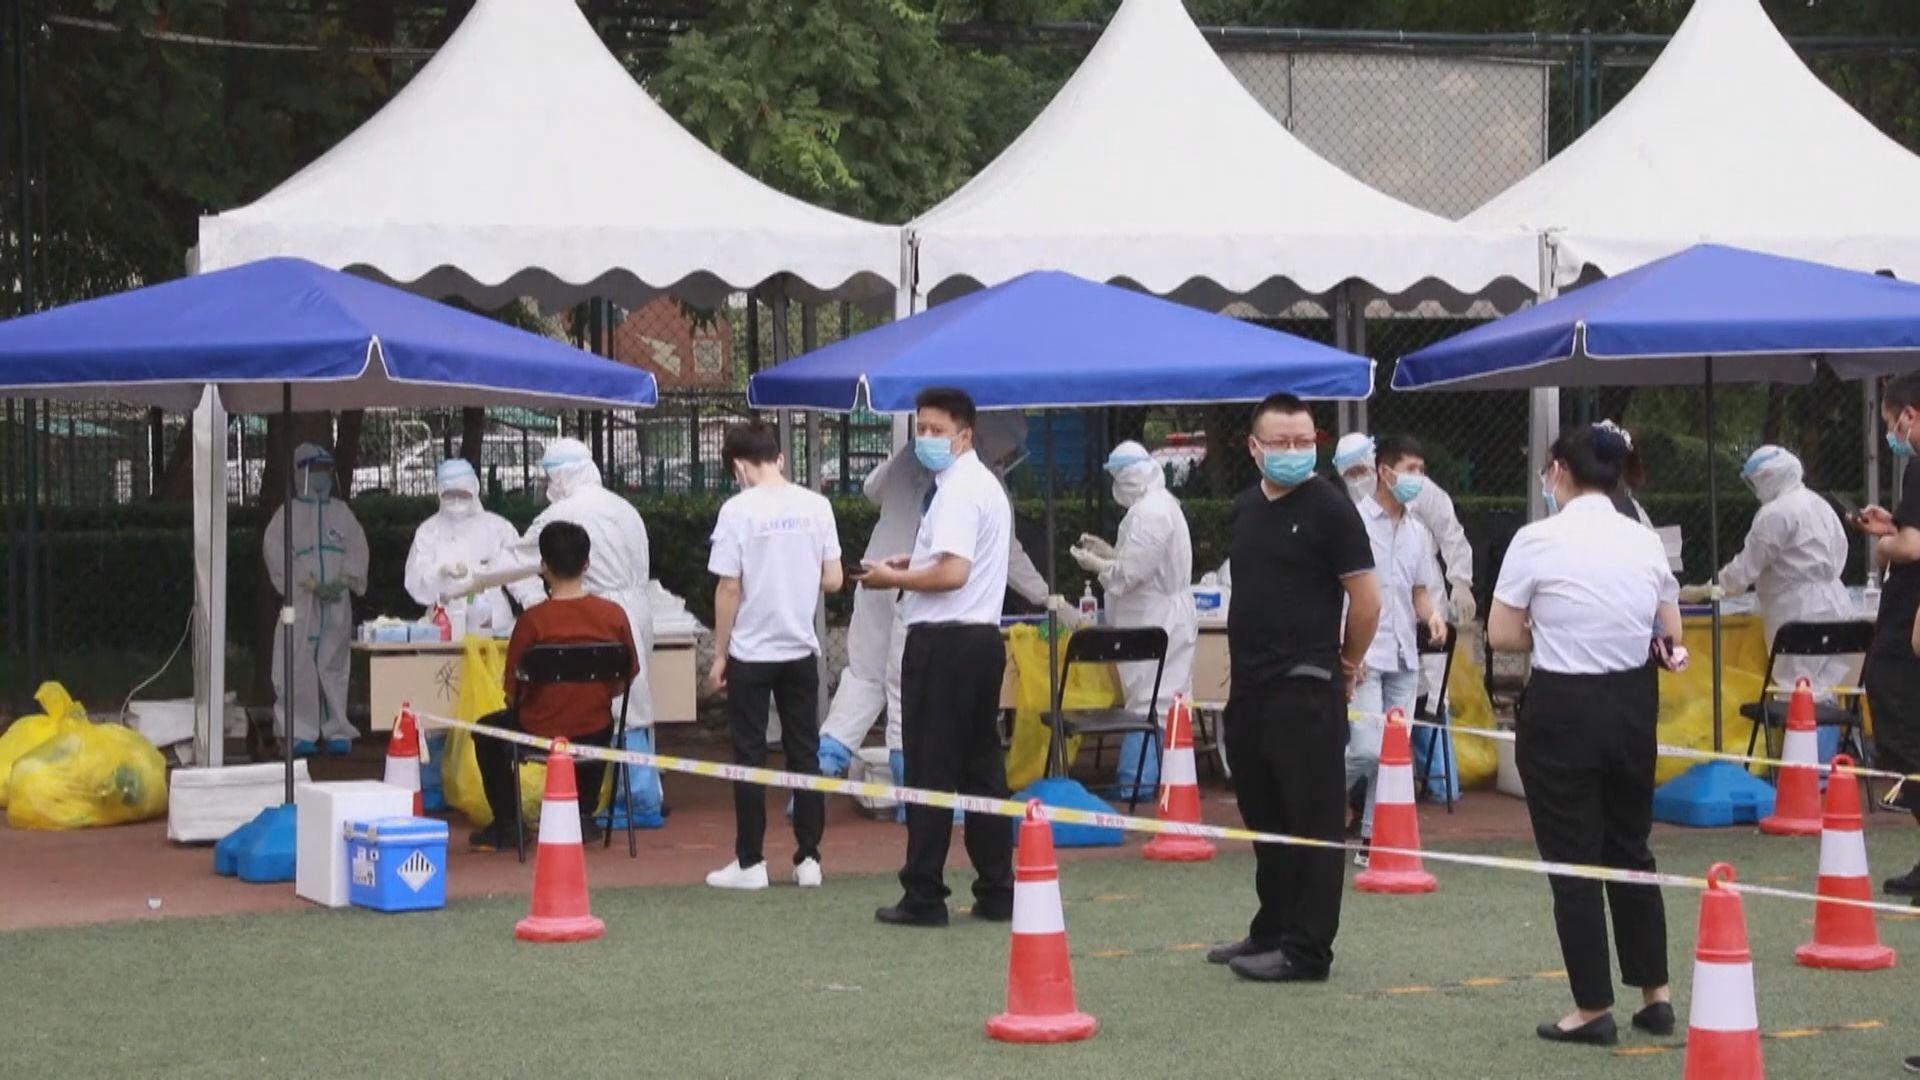 北京餐廳七員工確診 餐飲業人員全面核酸檢測